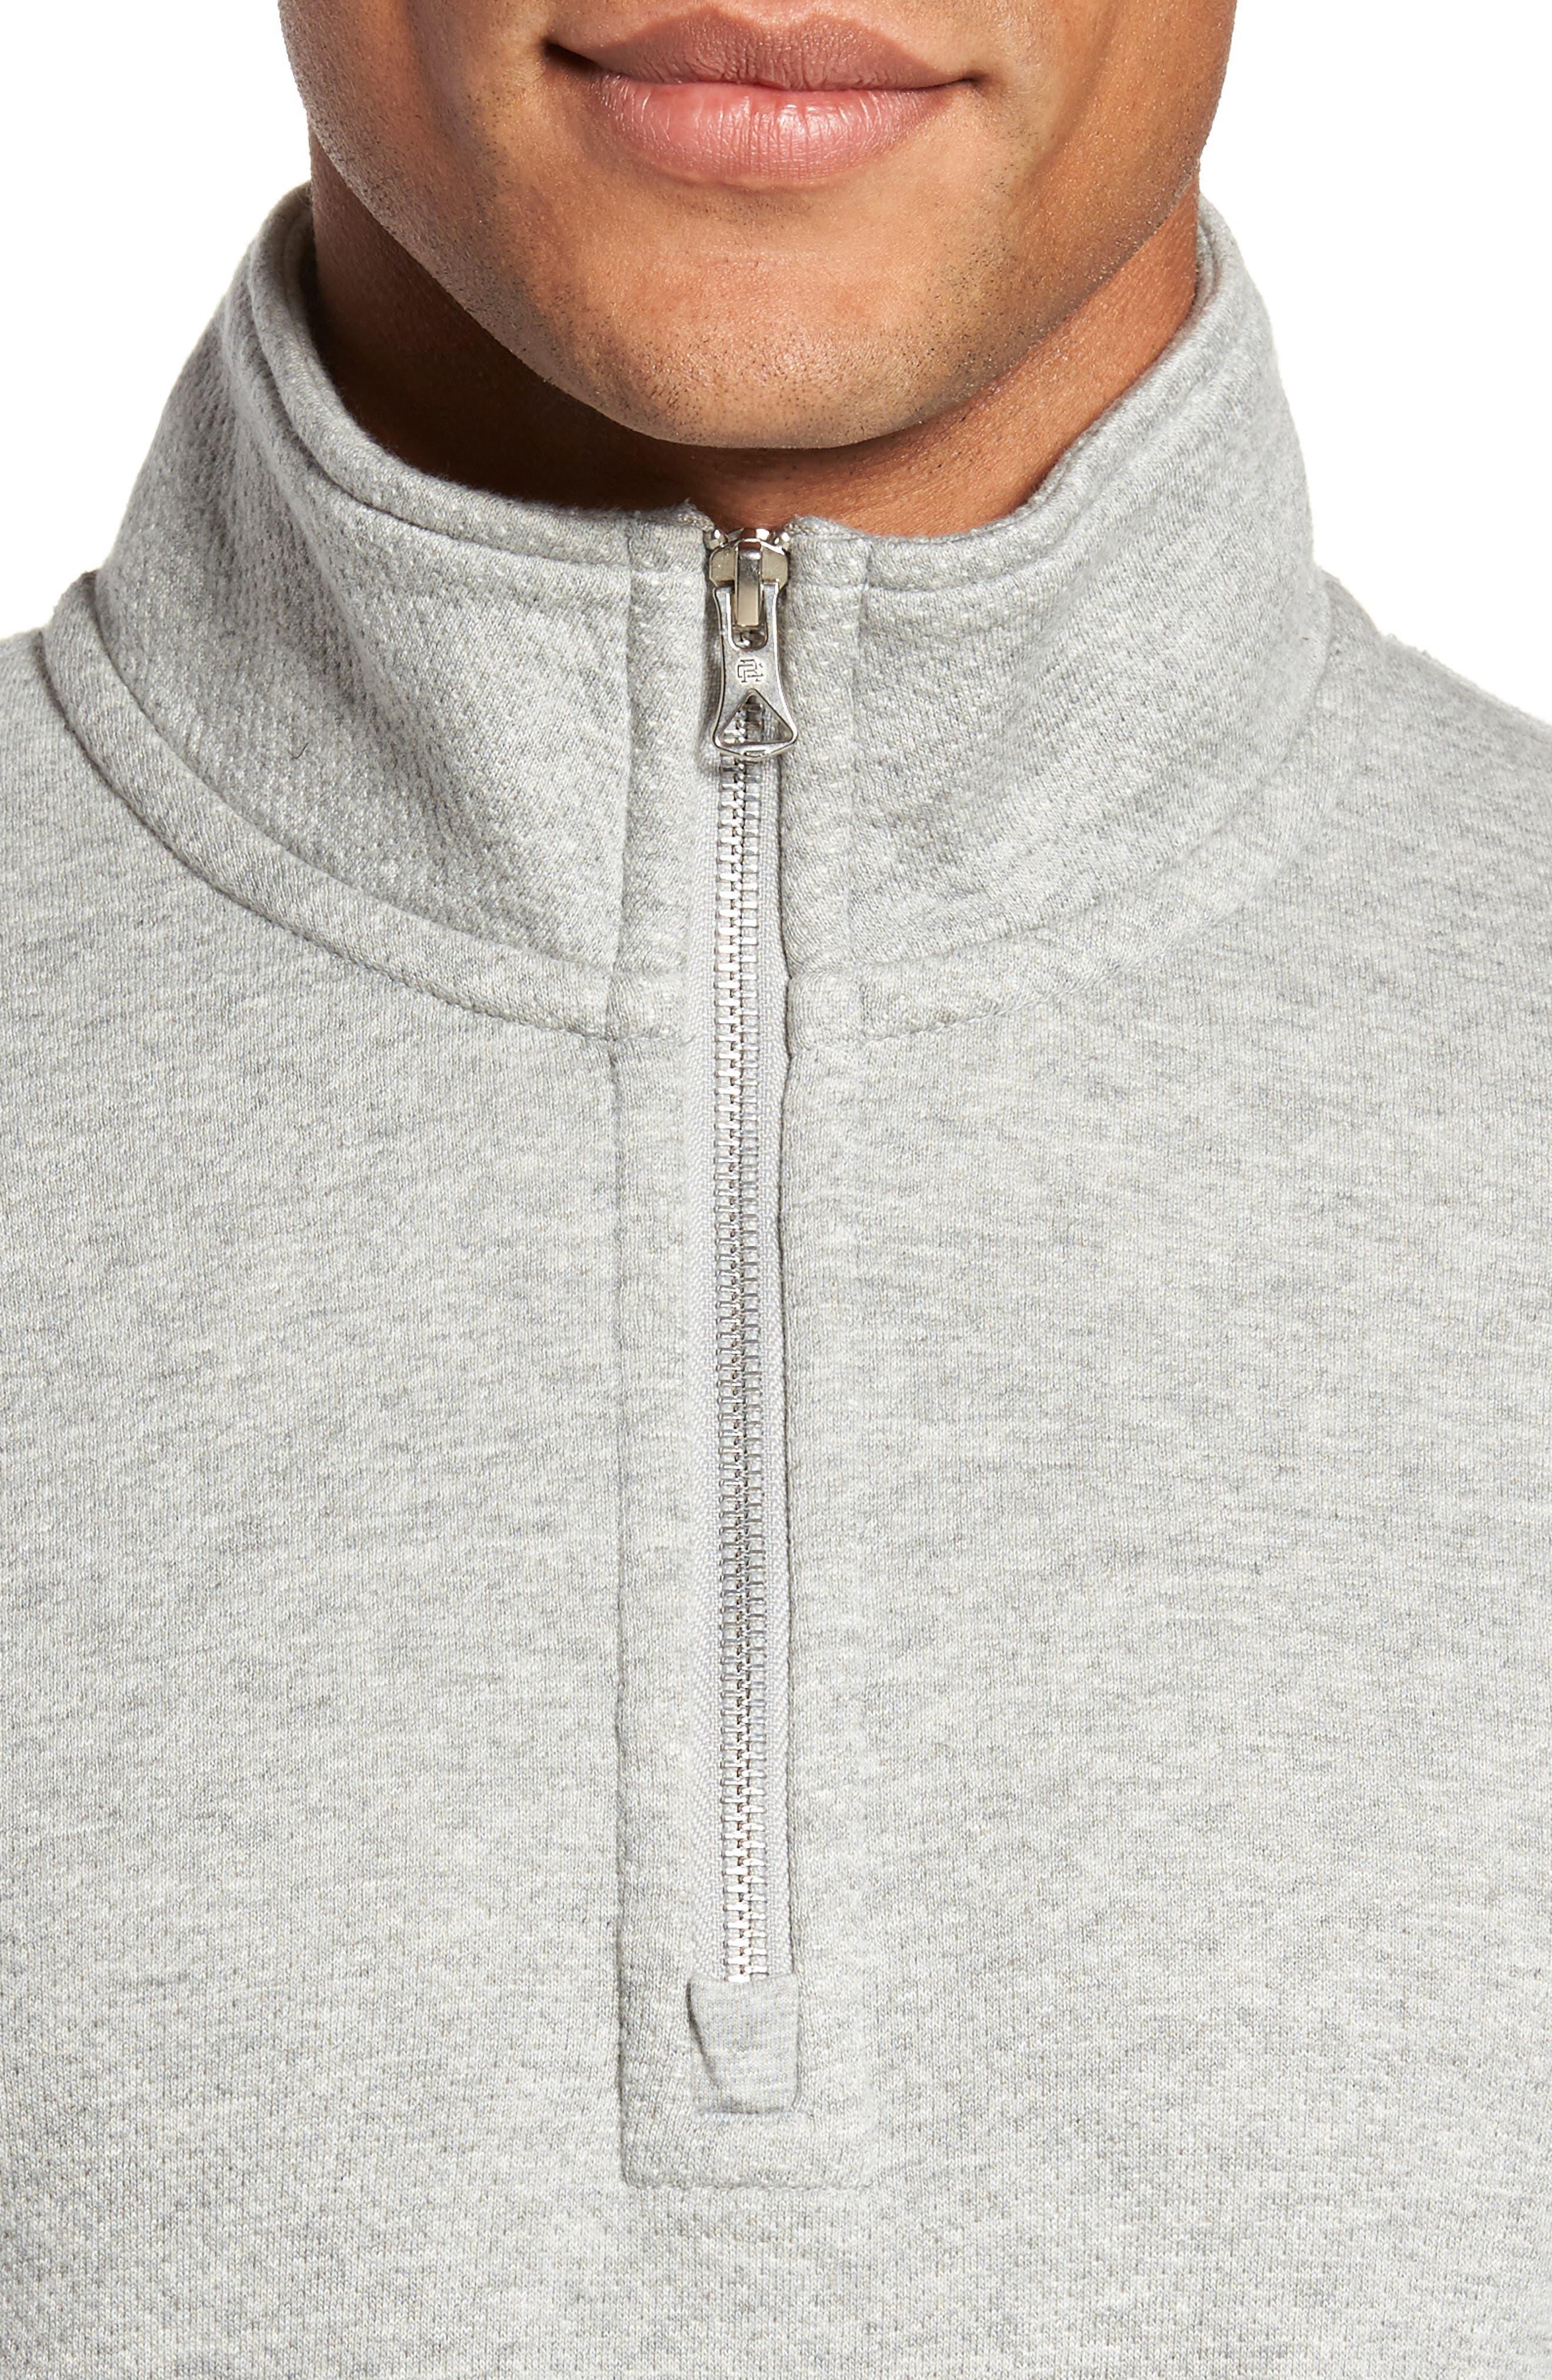 Alternate Image 4  - Reigning Champ Mesh Half Zip Fleece Top